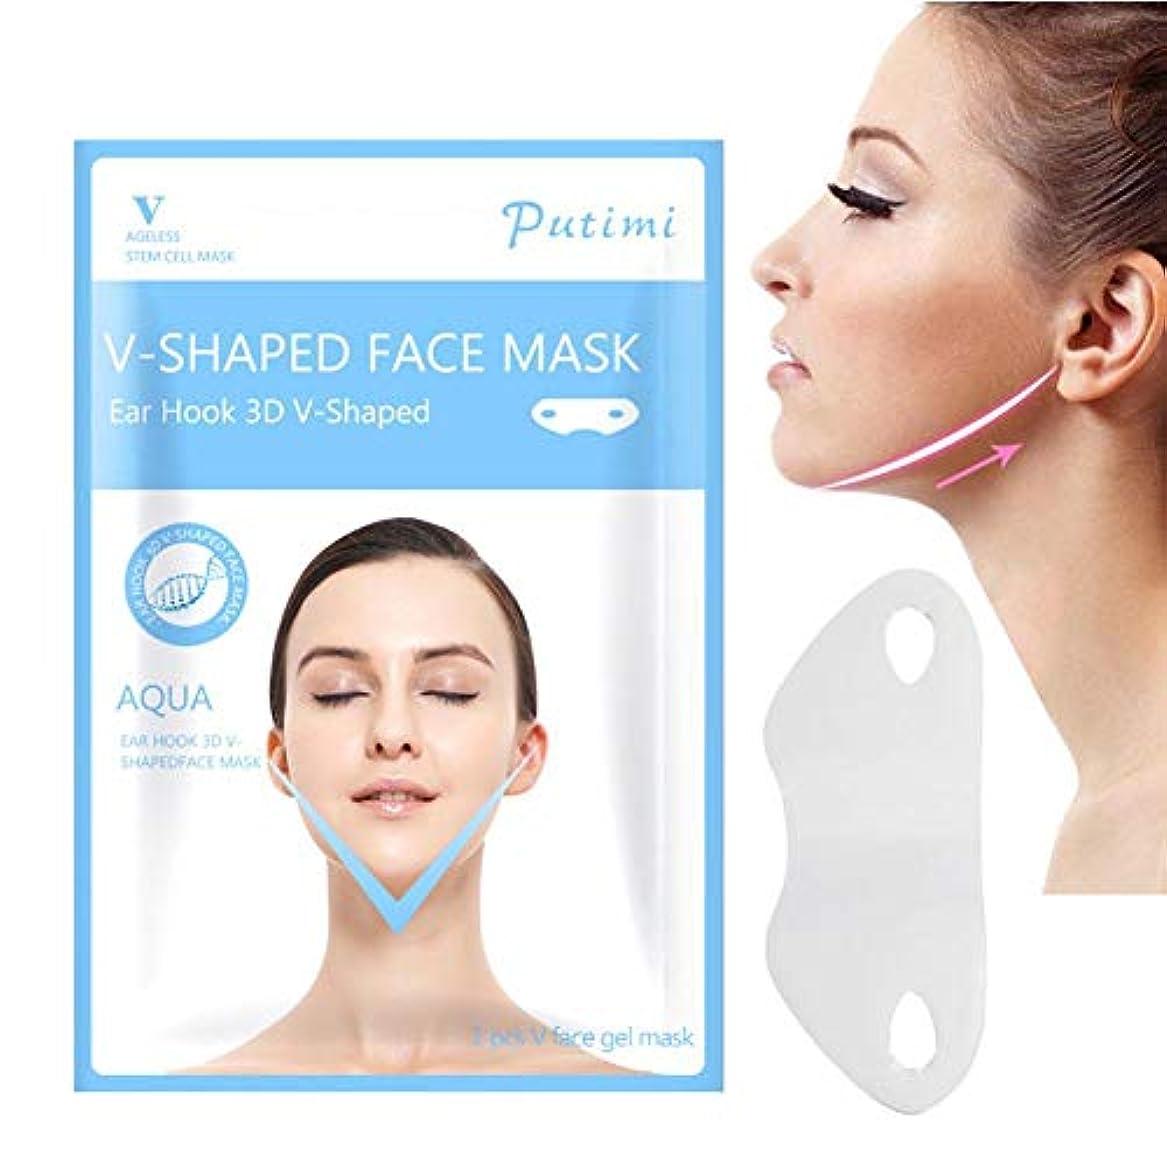 ウミウシ酔って硬いSILUN 最新型 Vフェイシャルマスク フェイスマスク 小顔 マスク フェイスラインベルト 美顔 顔痩せ 保湿 血行を促進する 睡眠マスク